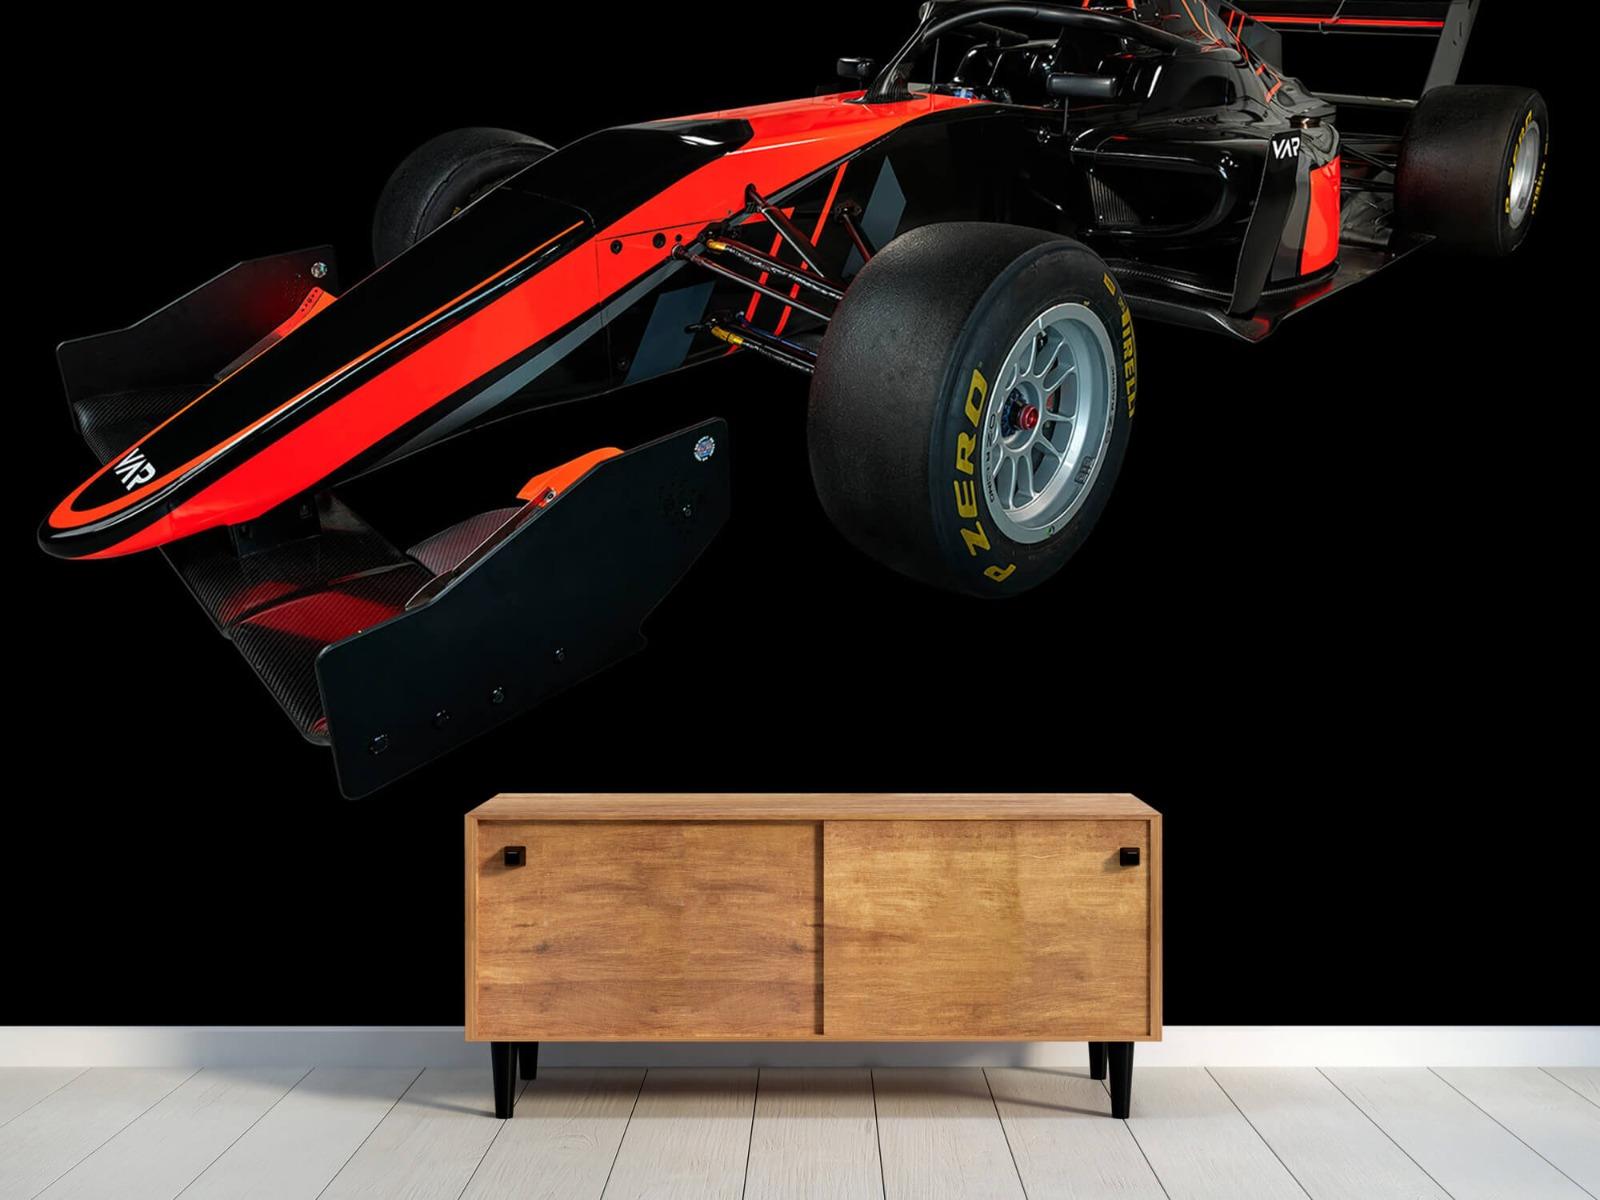 Sportauto's - Formule 3 - Left front view - dark - Vergaderruimte 9